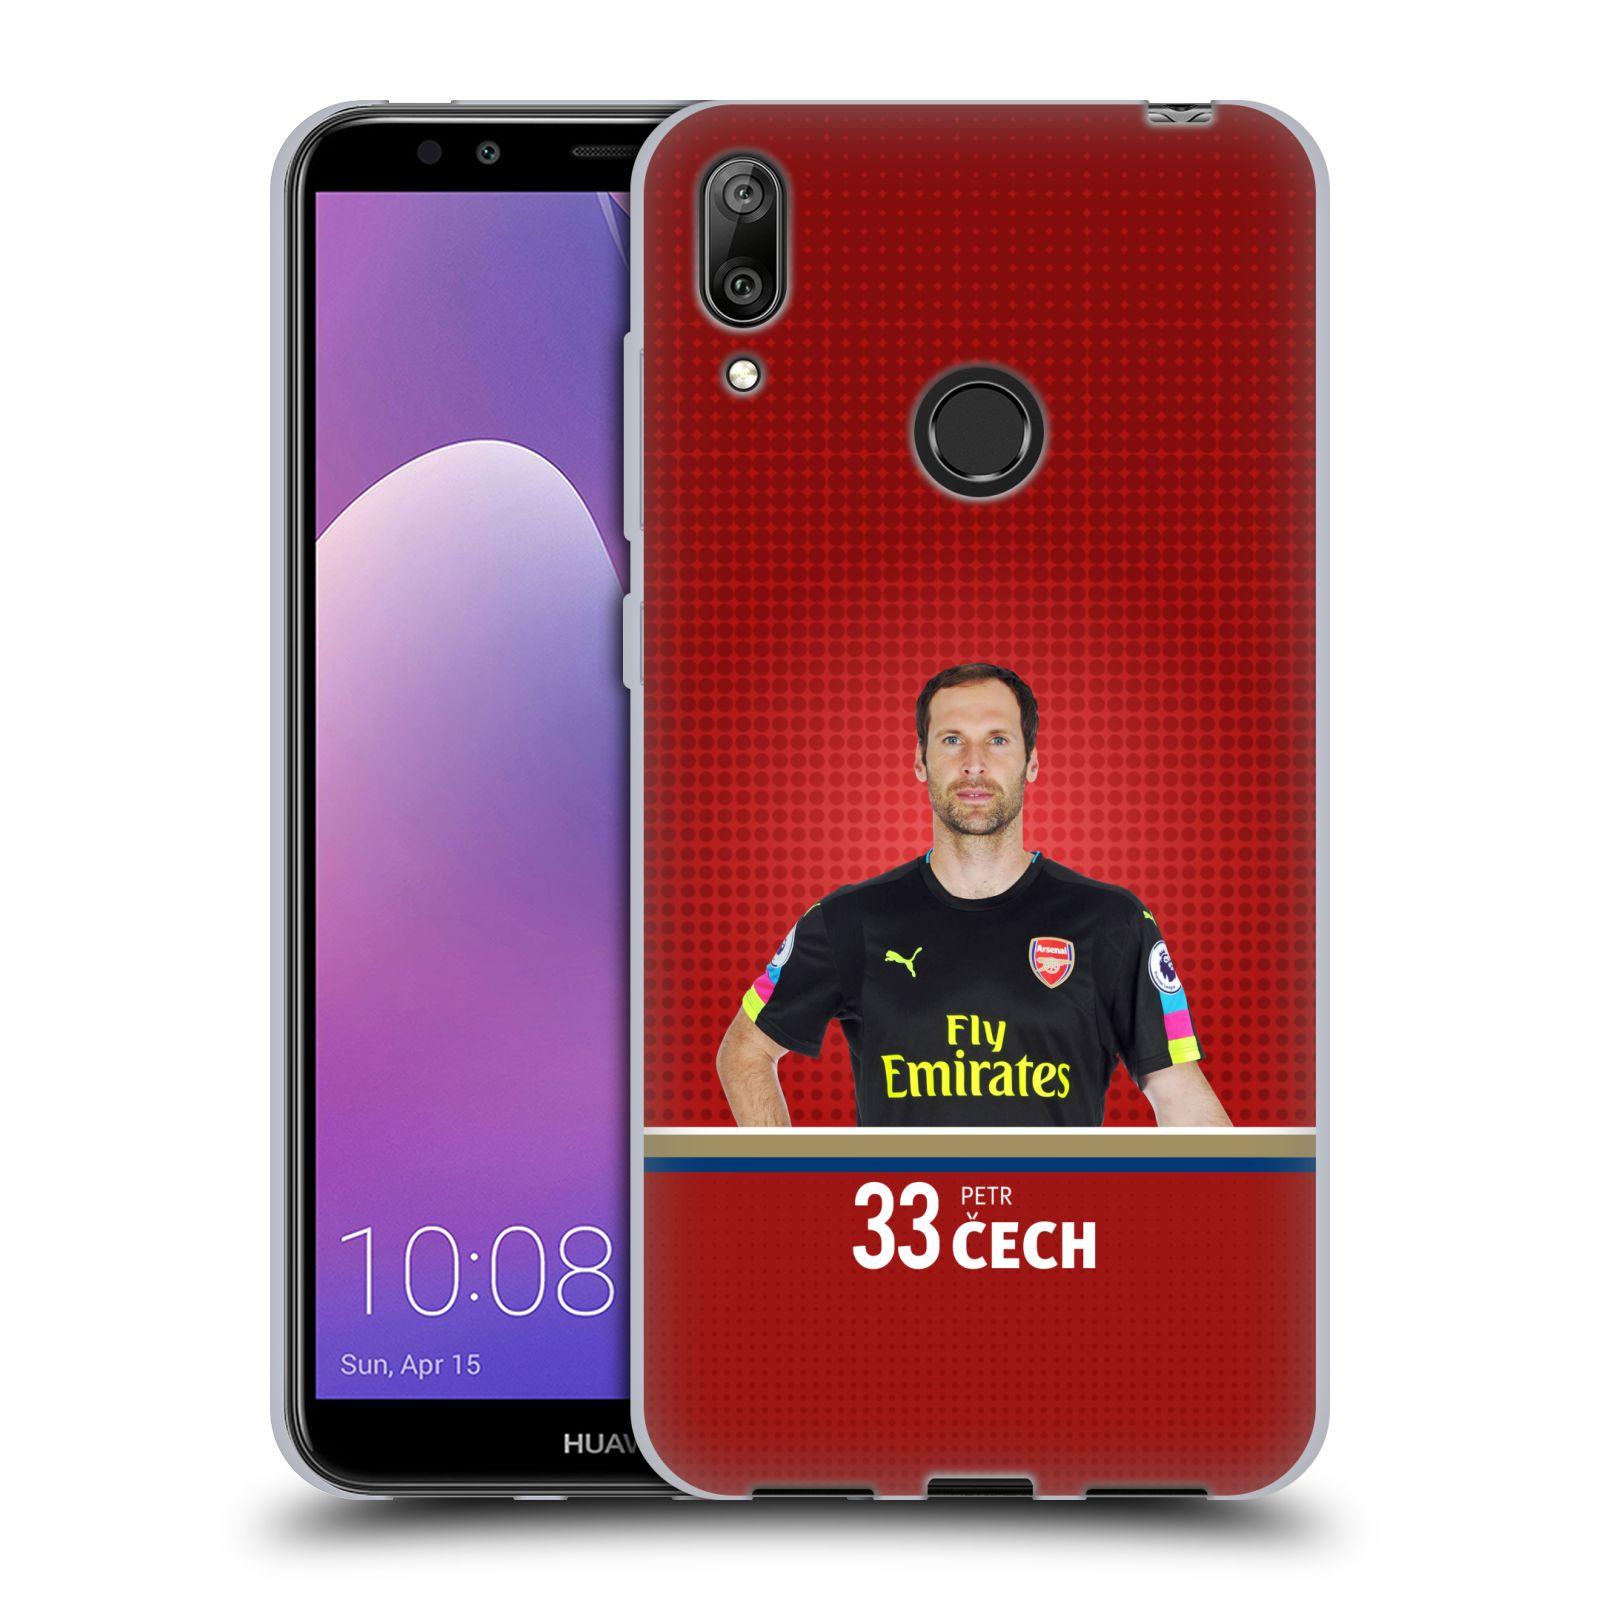 Silikonové pouzdro na mobil Huawei Y7 (2019) - Head Case - Arsenal FC - Petr Čech